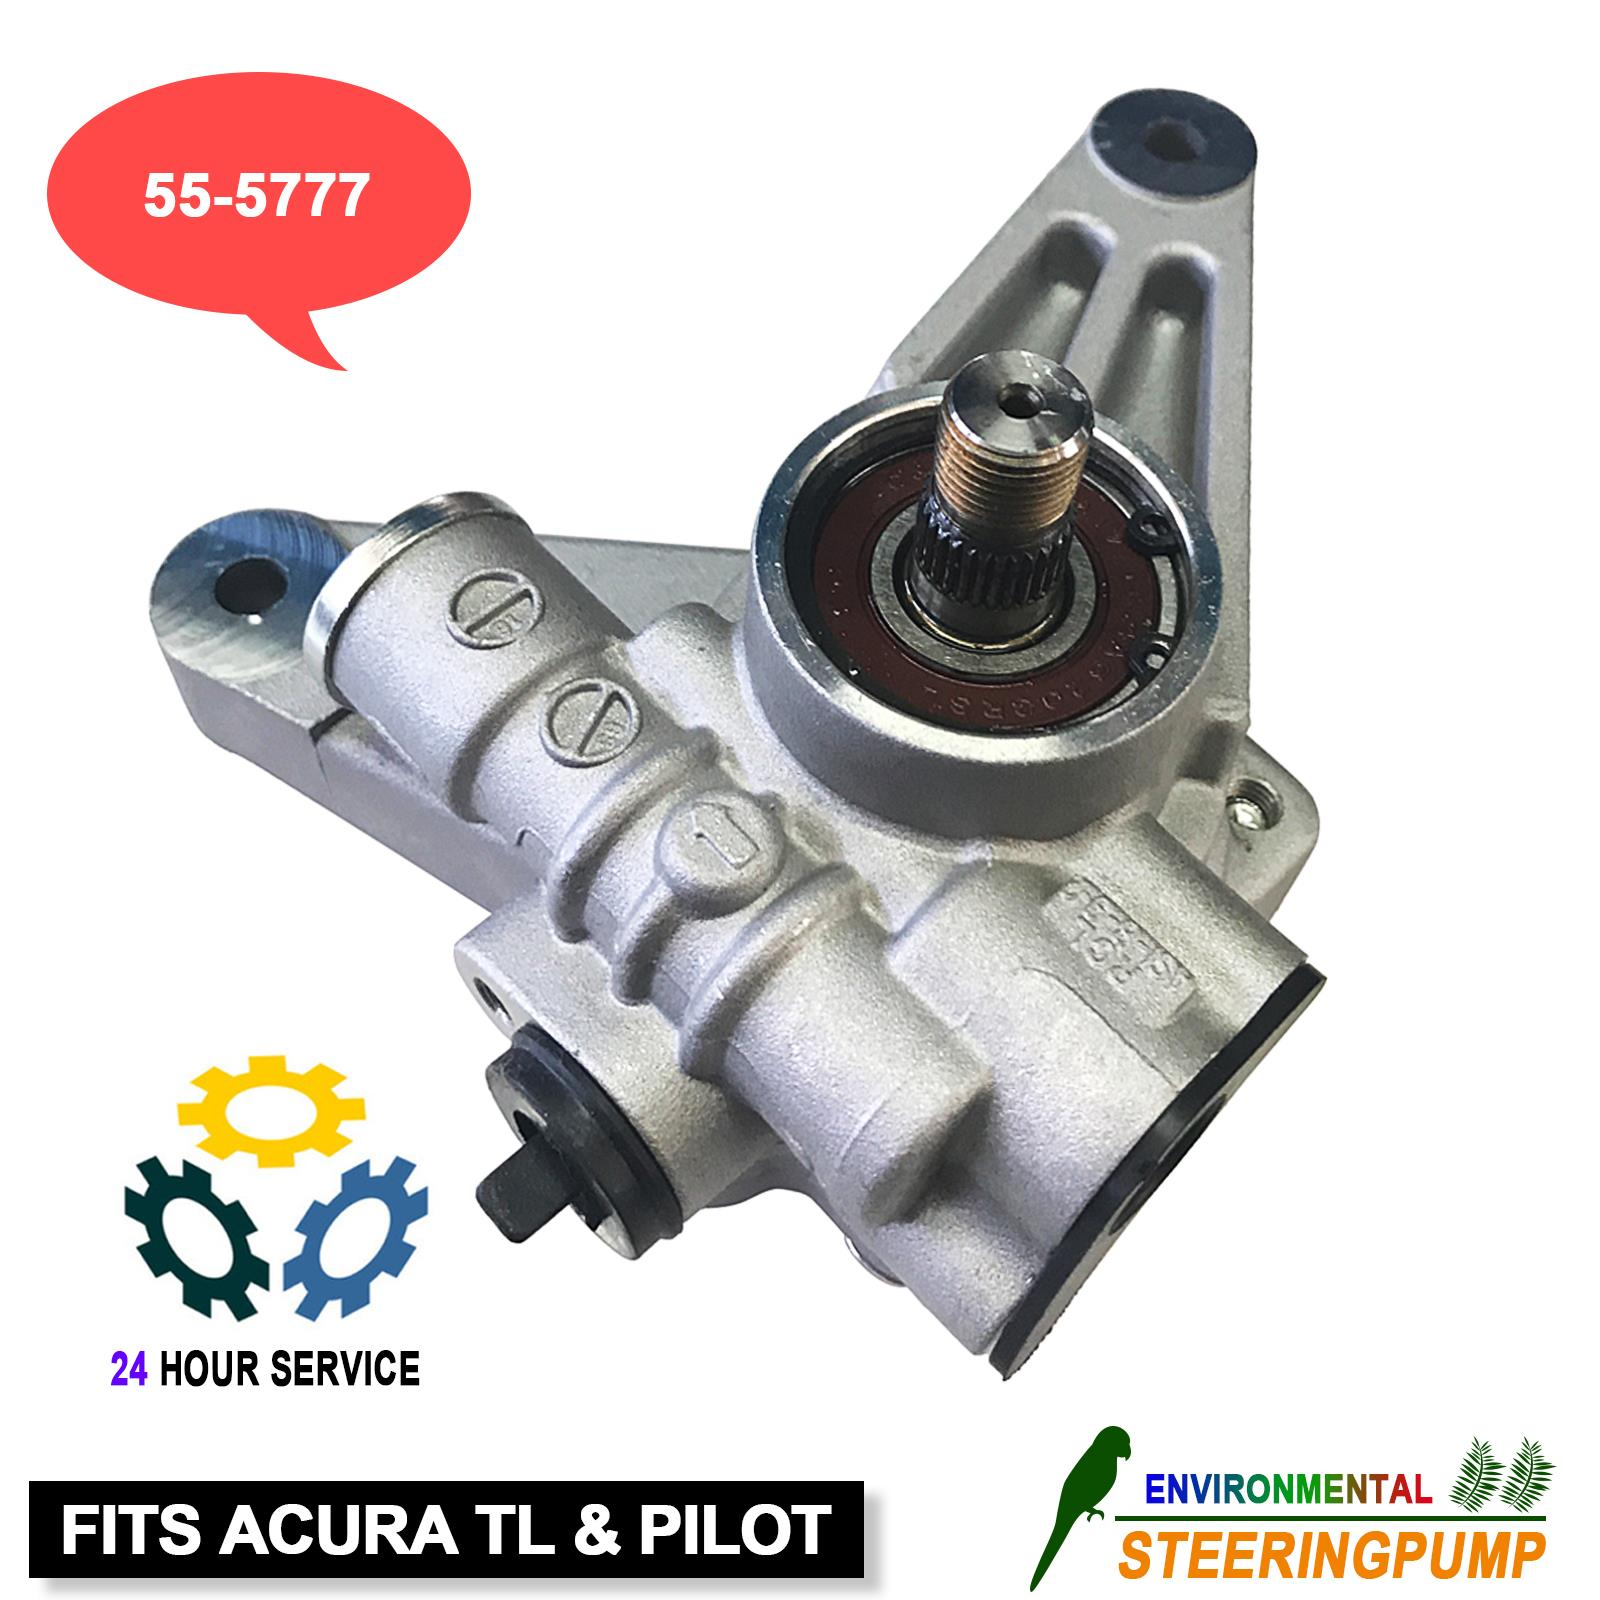 Power Steering Pump for Honda Pilot Acura MDX CL TL 3.2L 3.5L V6 21-5290